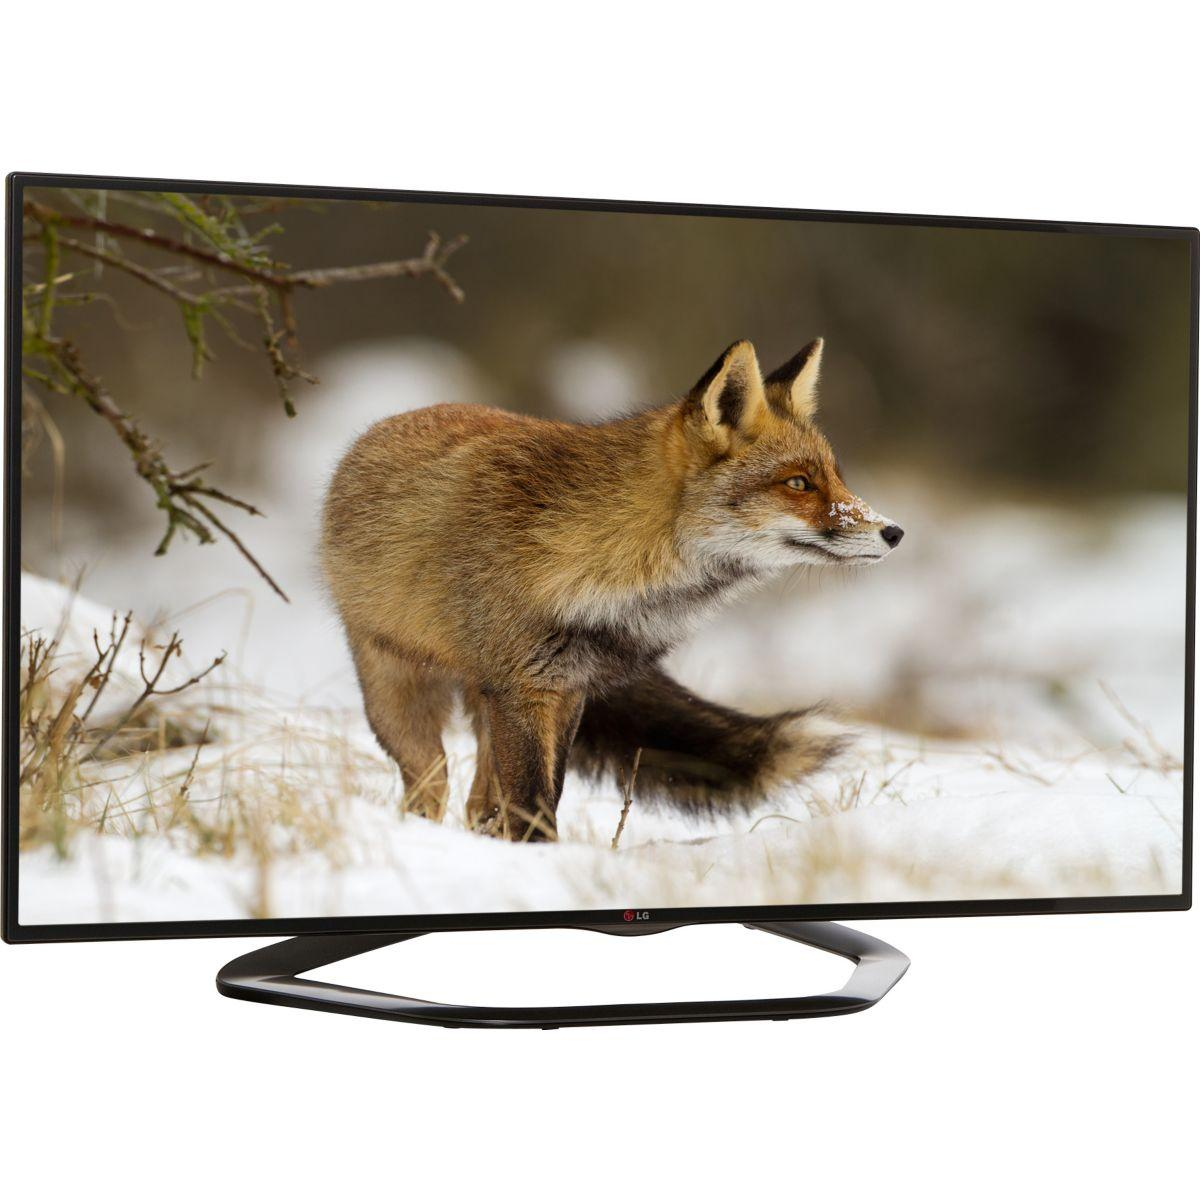 2249edb4531 Liste de produits image son tv et vid et prix image son tv et vid ...